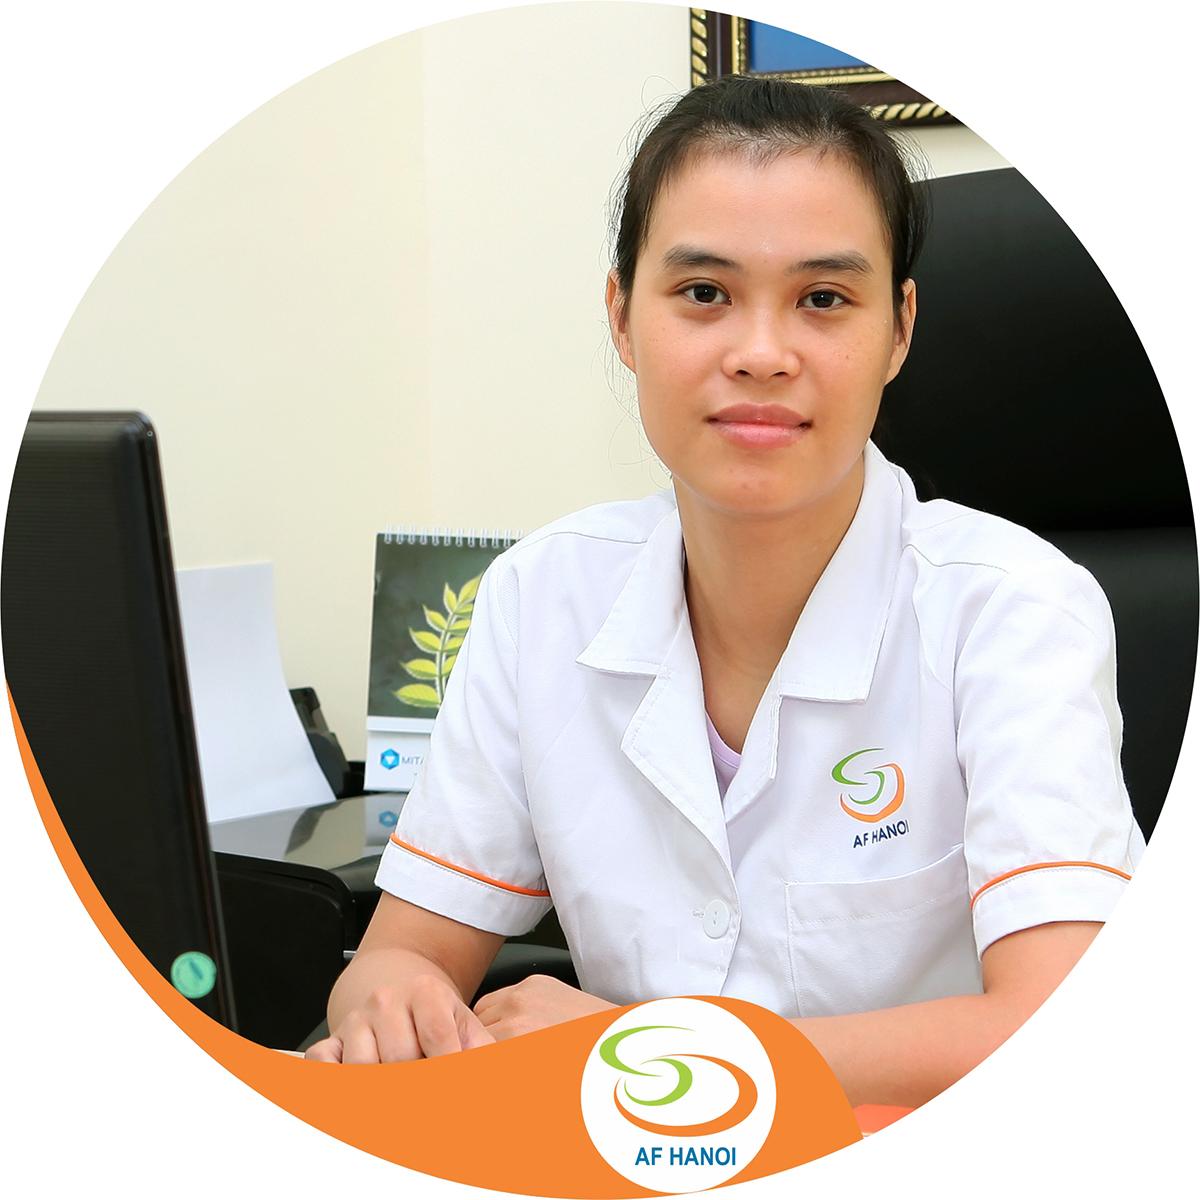 Cử nhân Phạm Diệu Thuần - Chuyên viên Phôi học